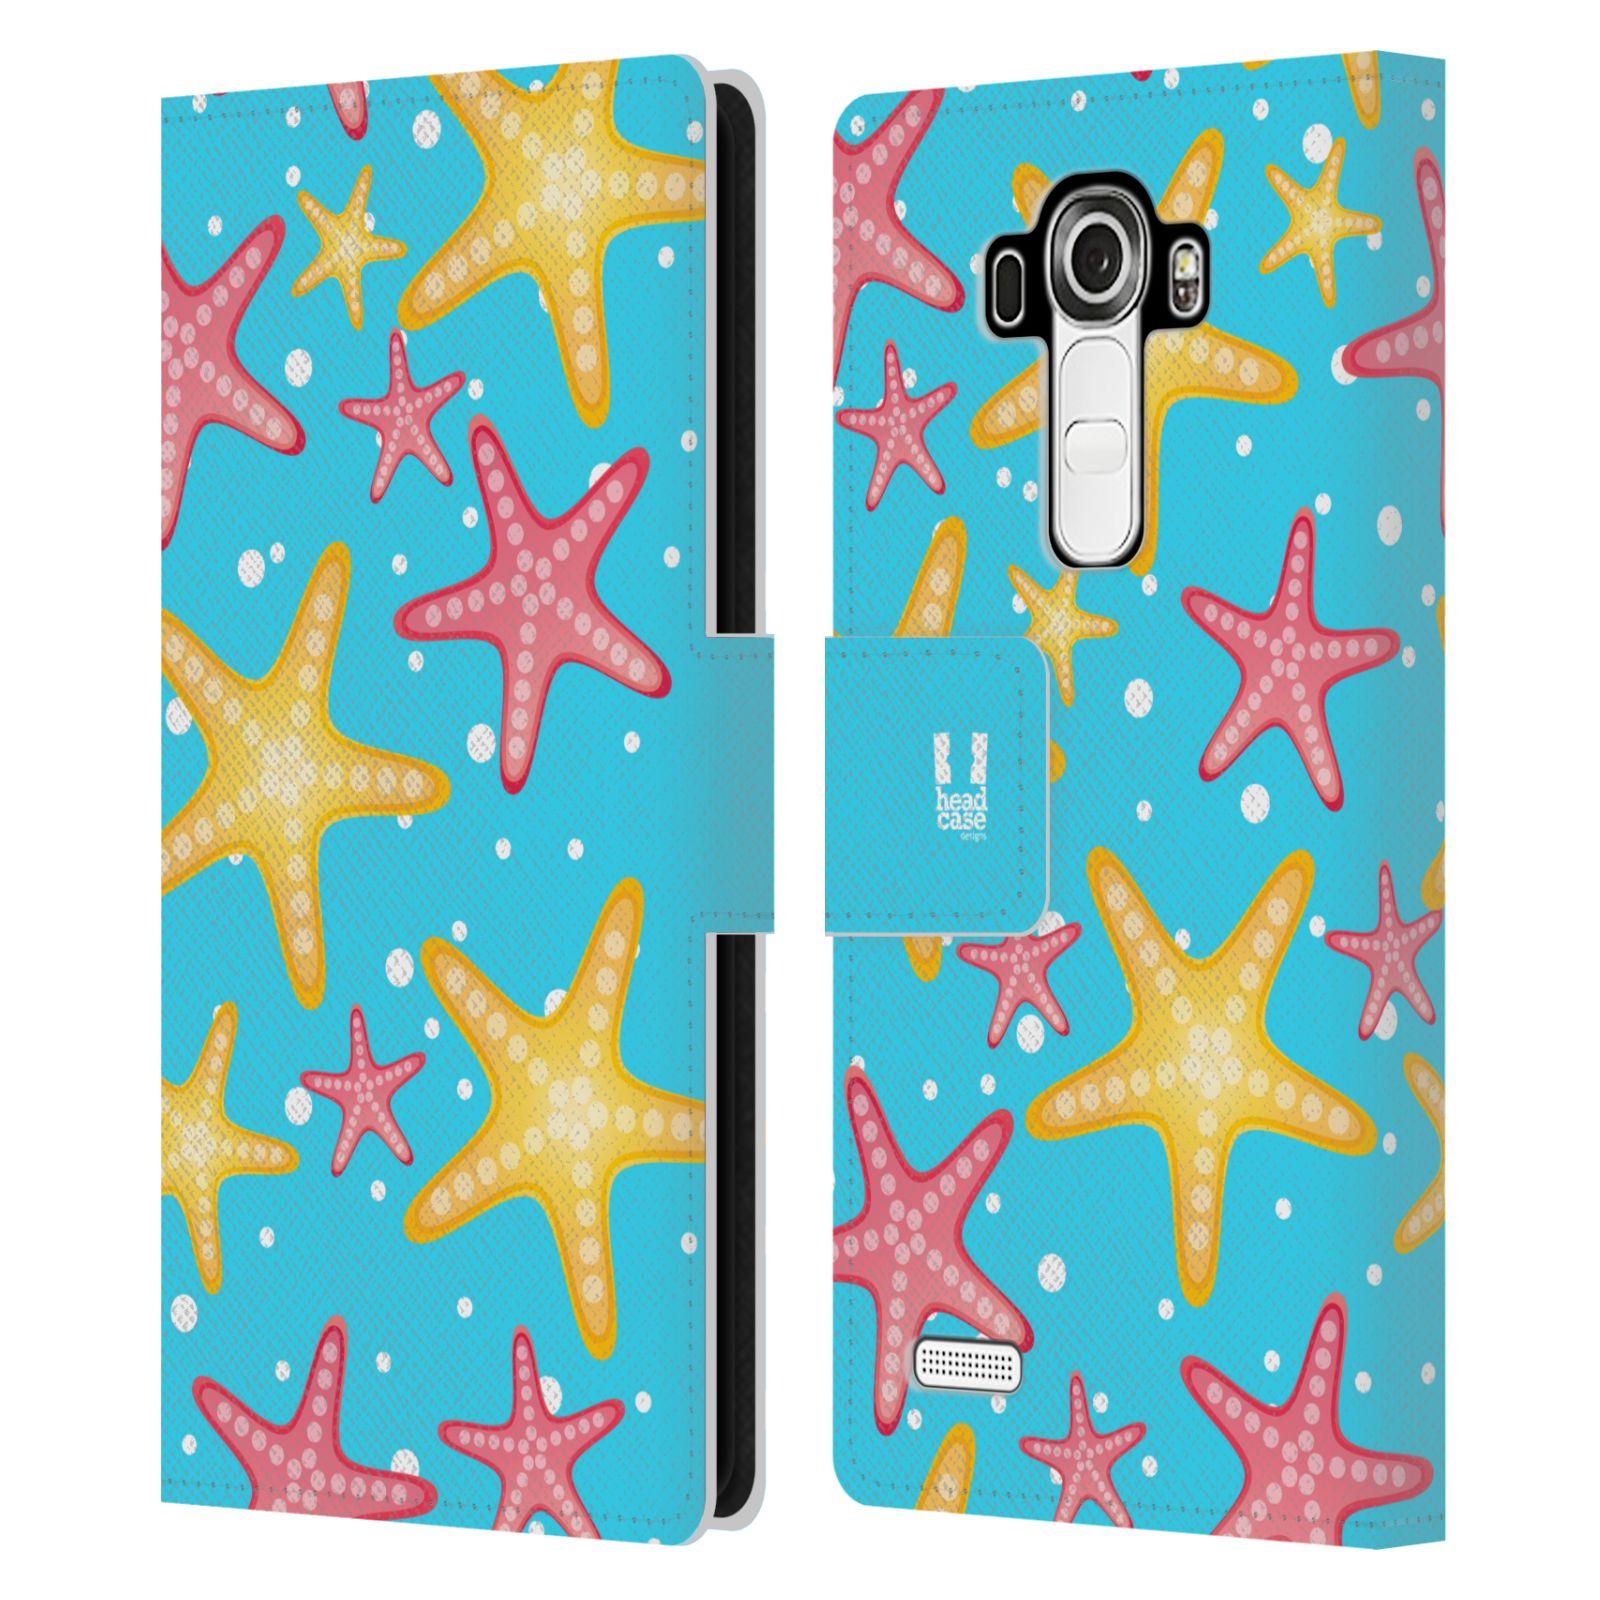 HEAD CASE Flipové pouzdro pro mobil LG G4 (H815) Mořský živočich hvězdice modrá barva pozadí